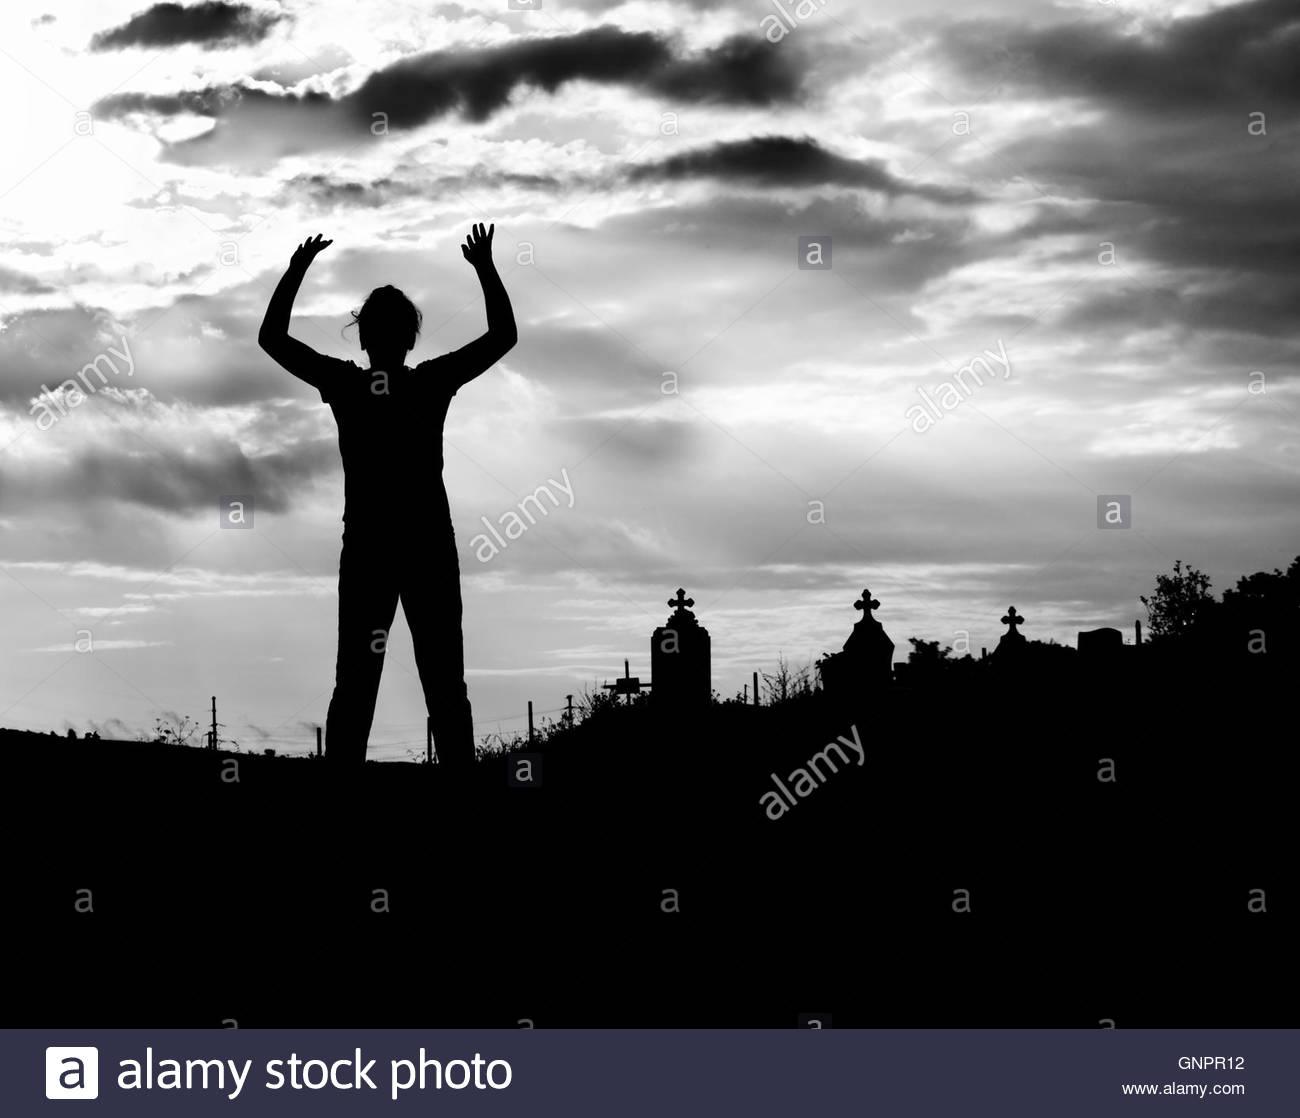 Zombie silhouette - Stock Image